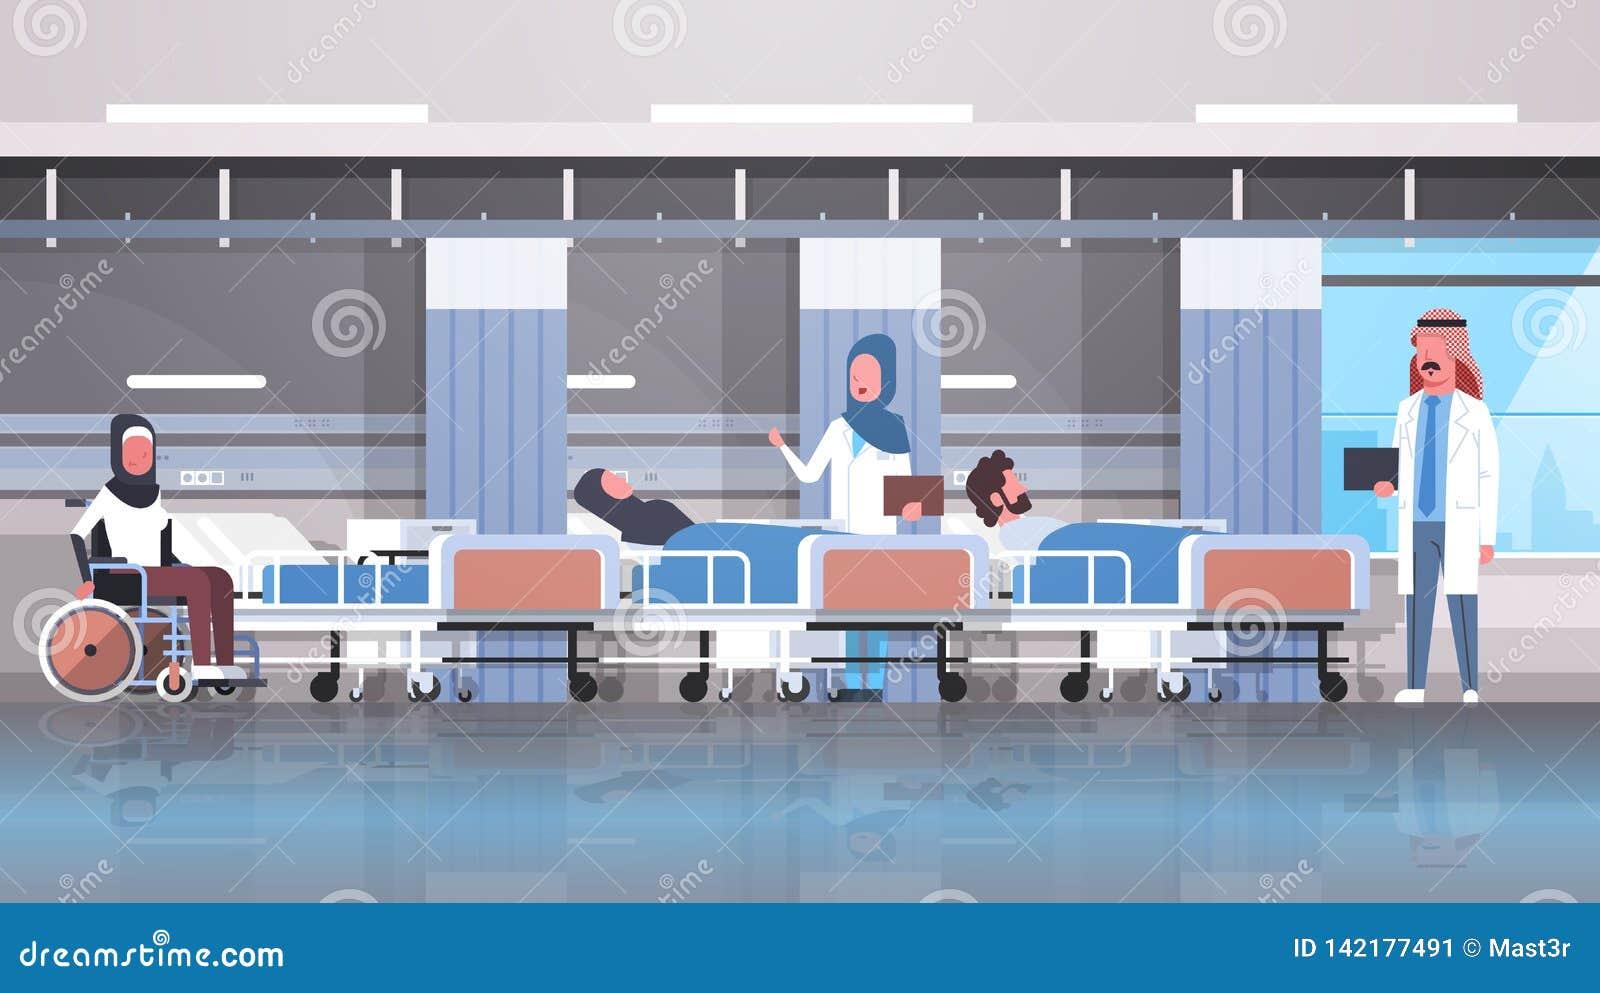 阿拉伯坐轮椅说谎的床密集的疗法病区医疗保健的医生队参观的残疾阿拉伯患者